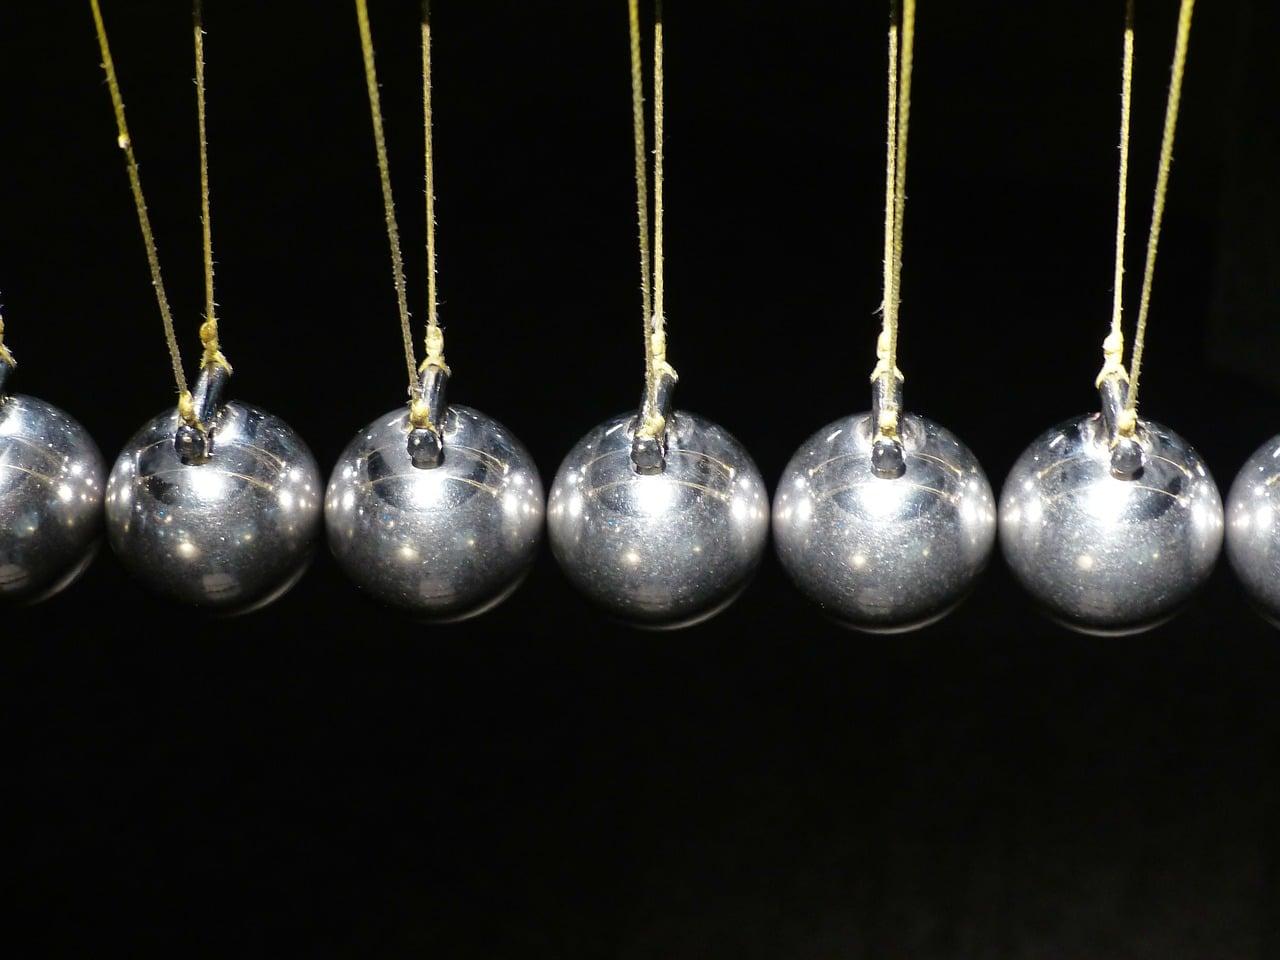 Pêndulo de Newton: como funciona?